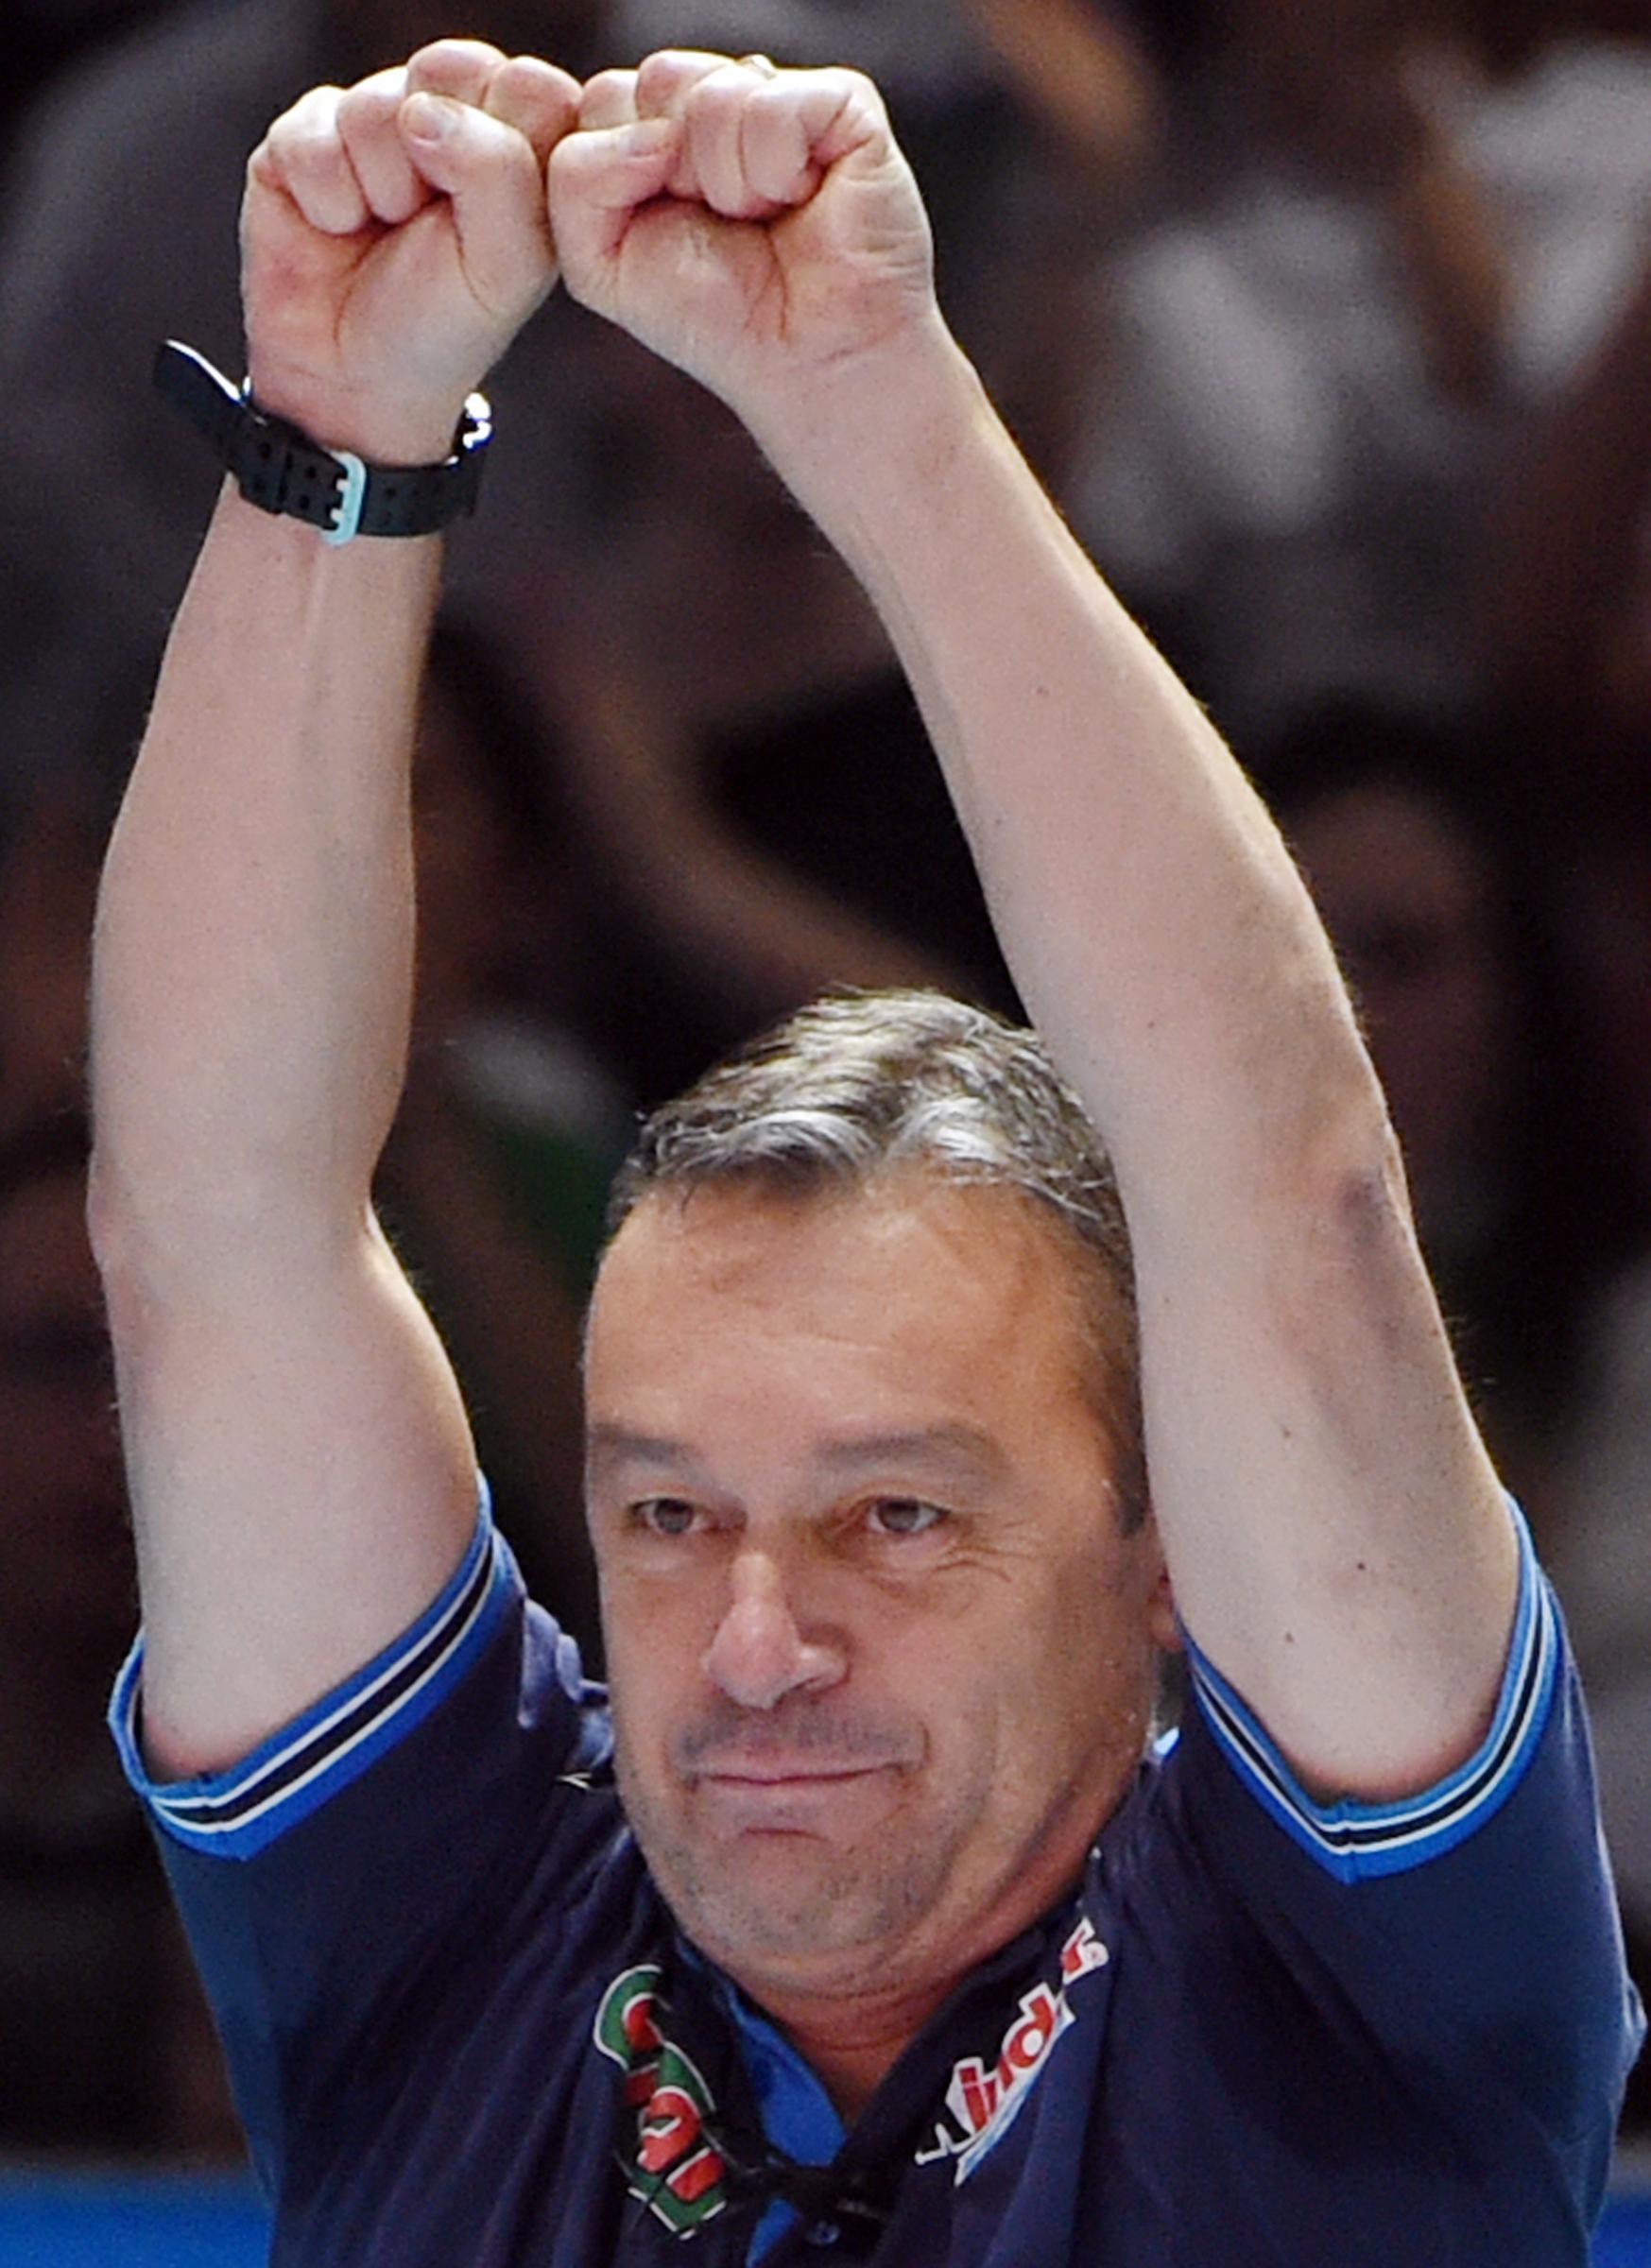 Pallavolo_Mondiali_Italia_Russia_04